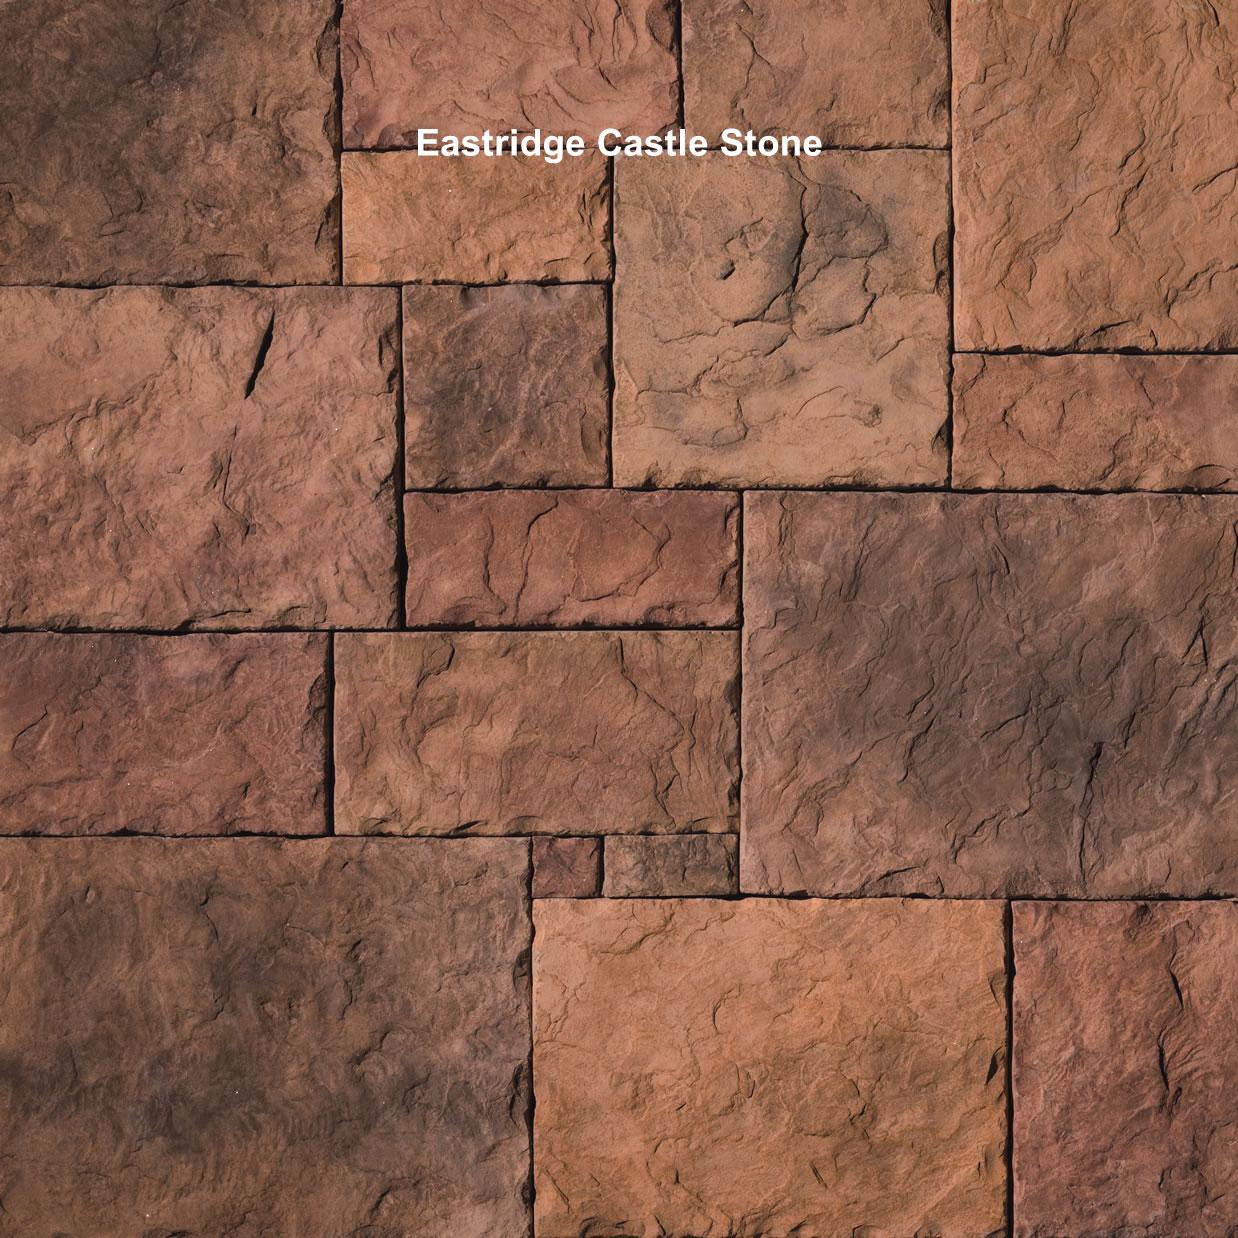 ES_Castle Stone_Eastridge_profile_east.jpg